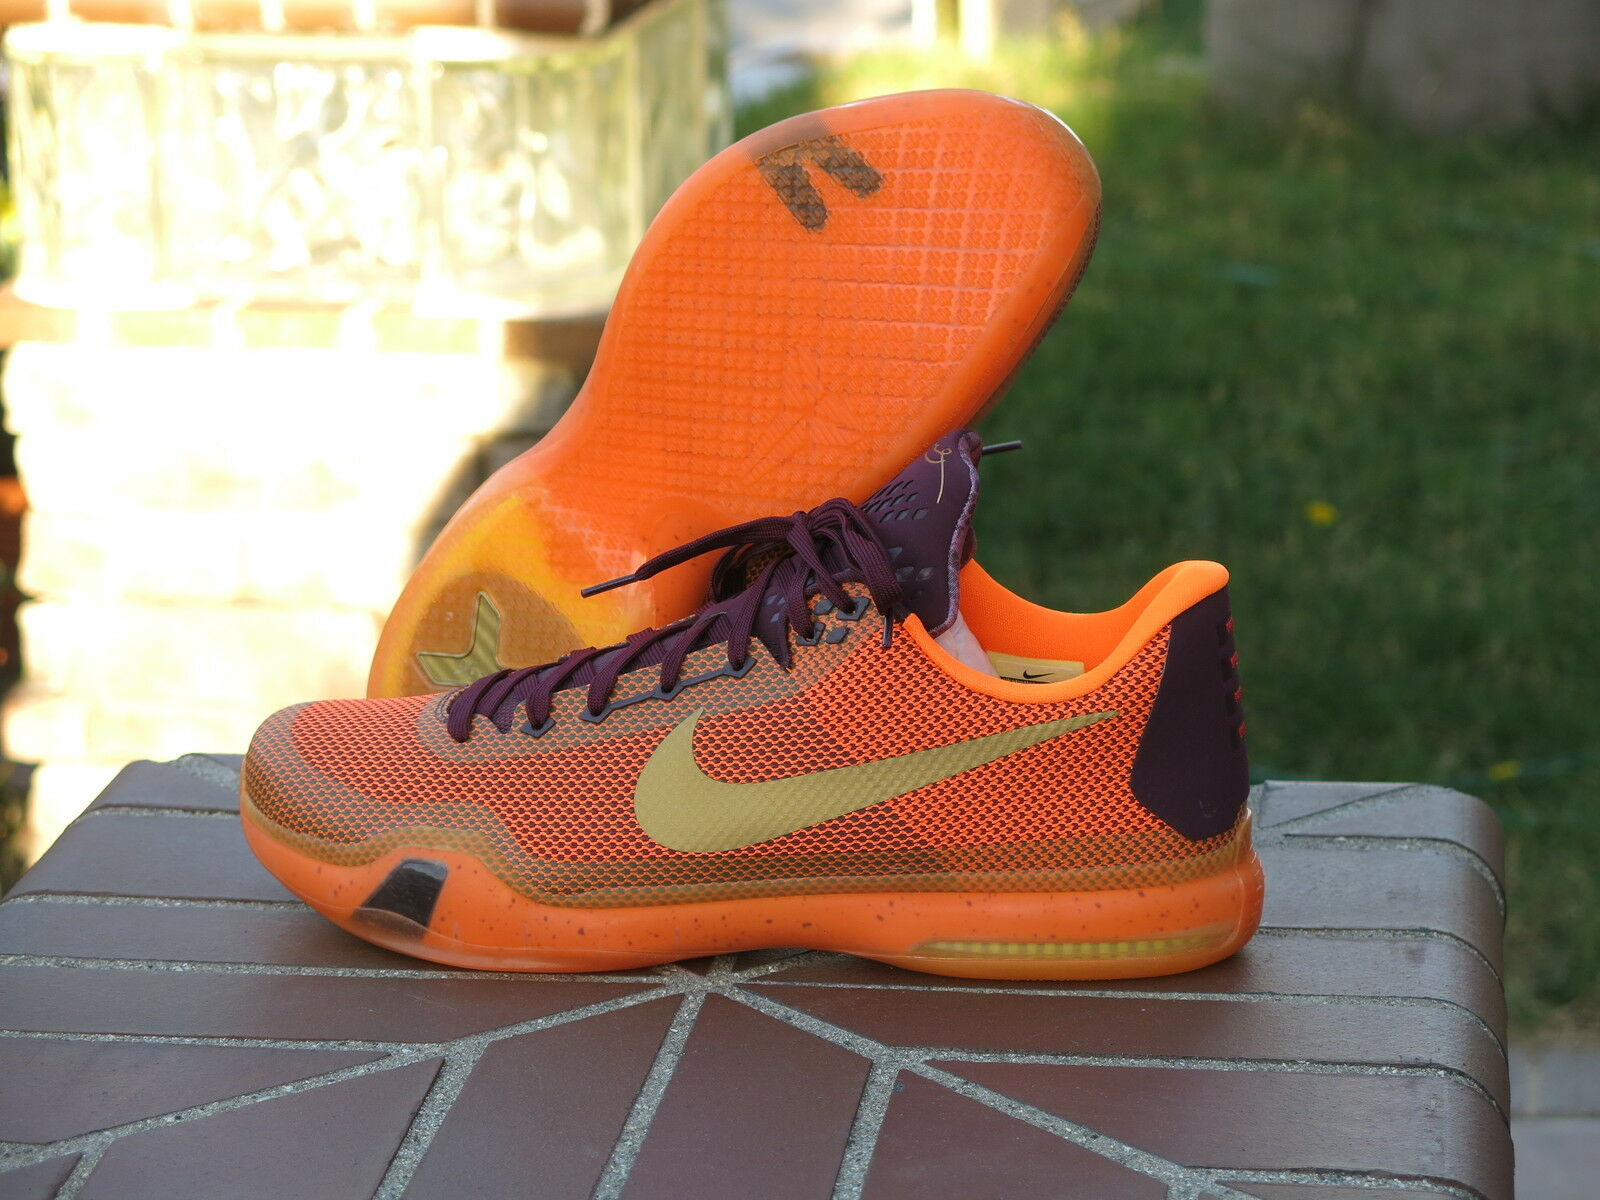 Nike zoom kobe x 10 silk road Uomo scarpe da basket 705317-676 sz 16